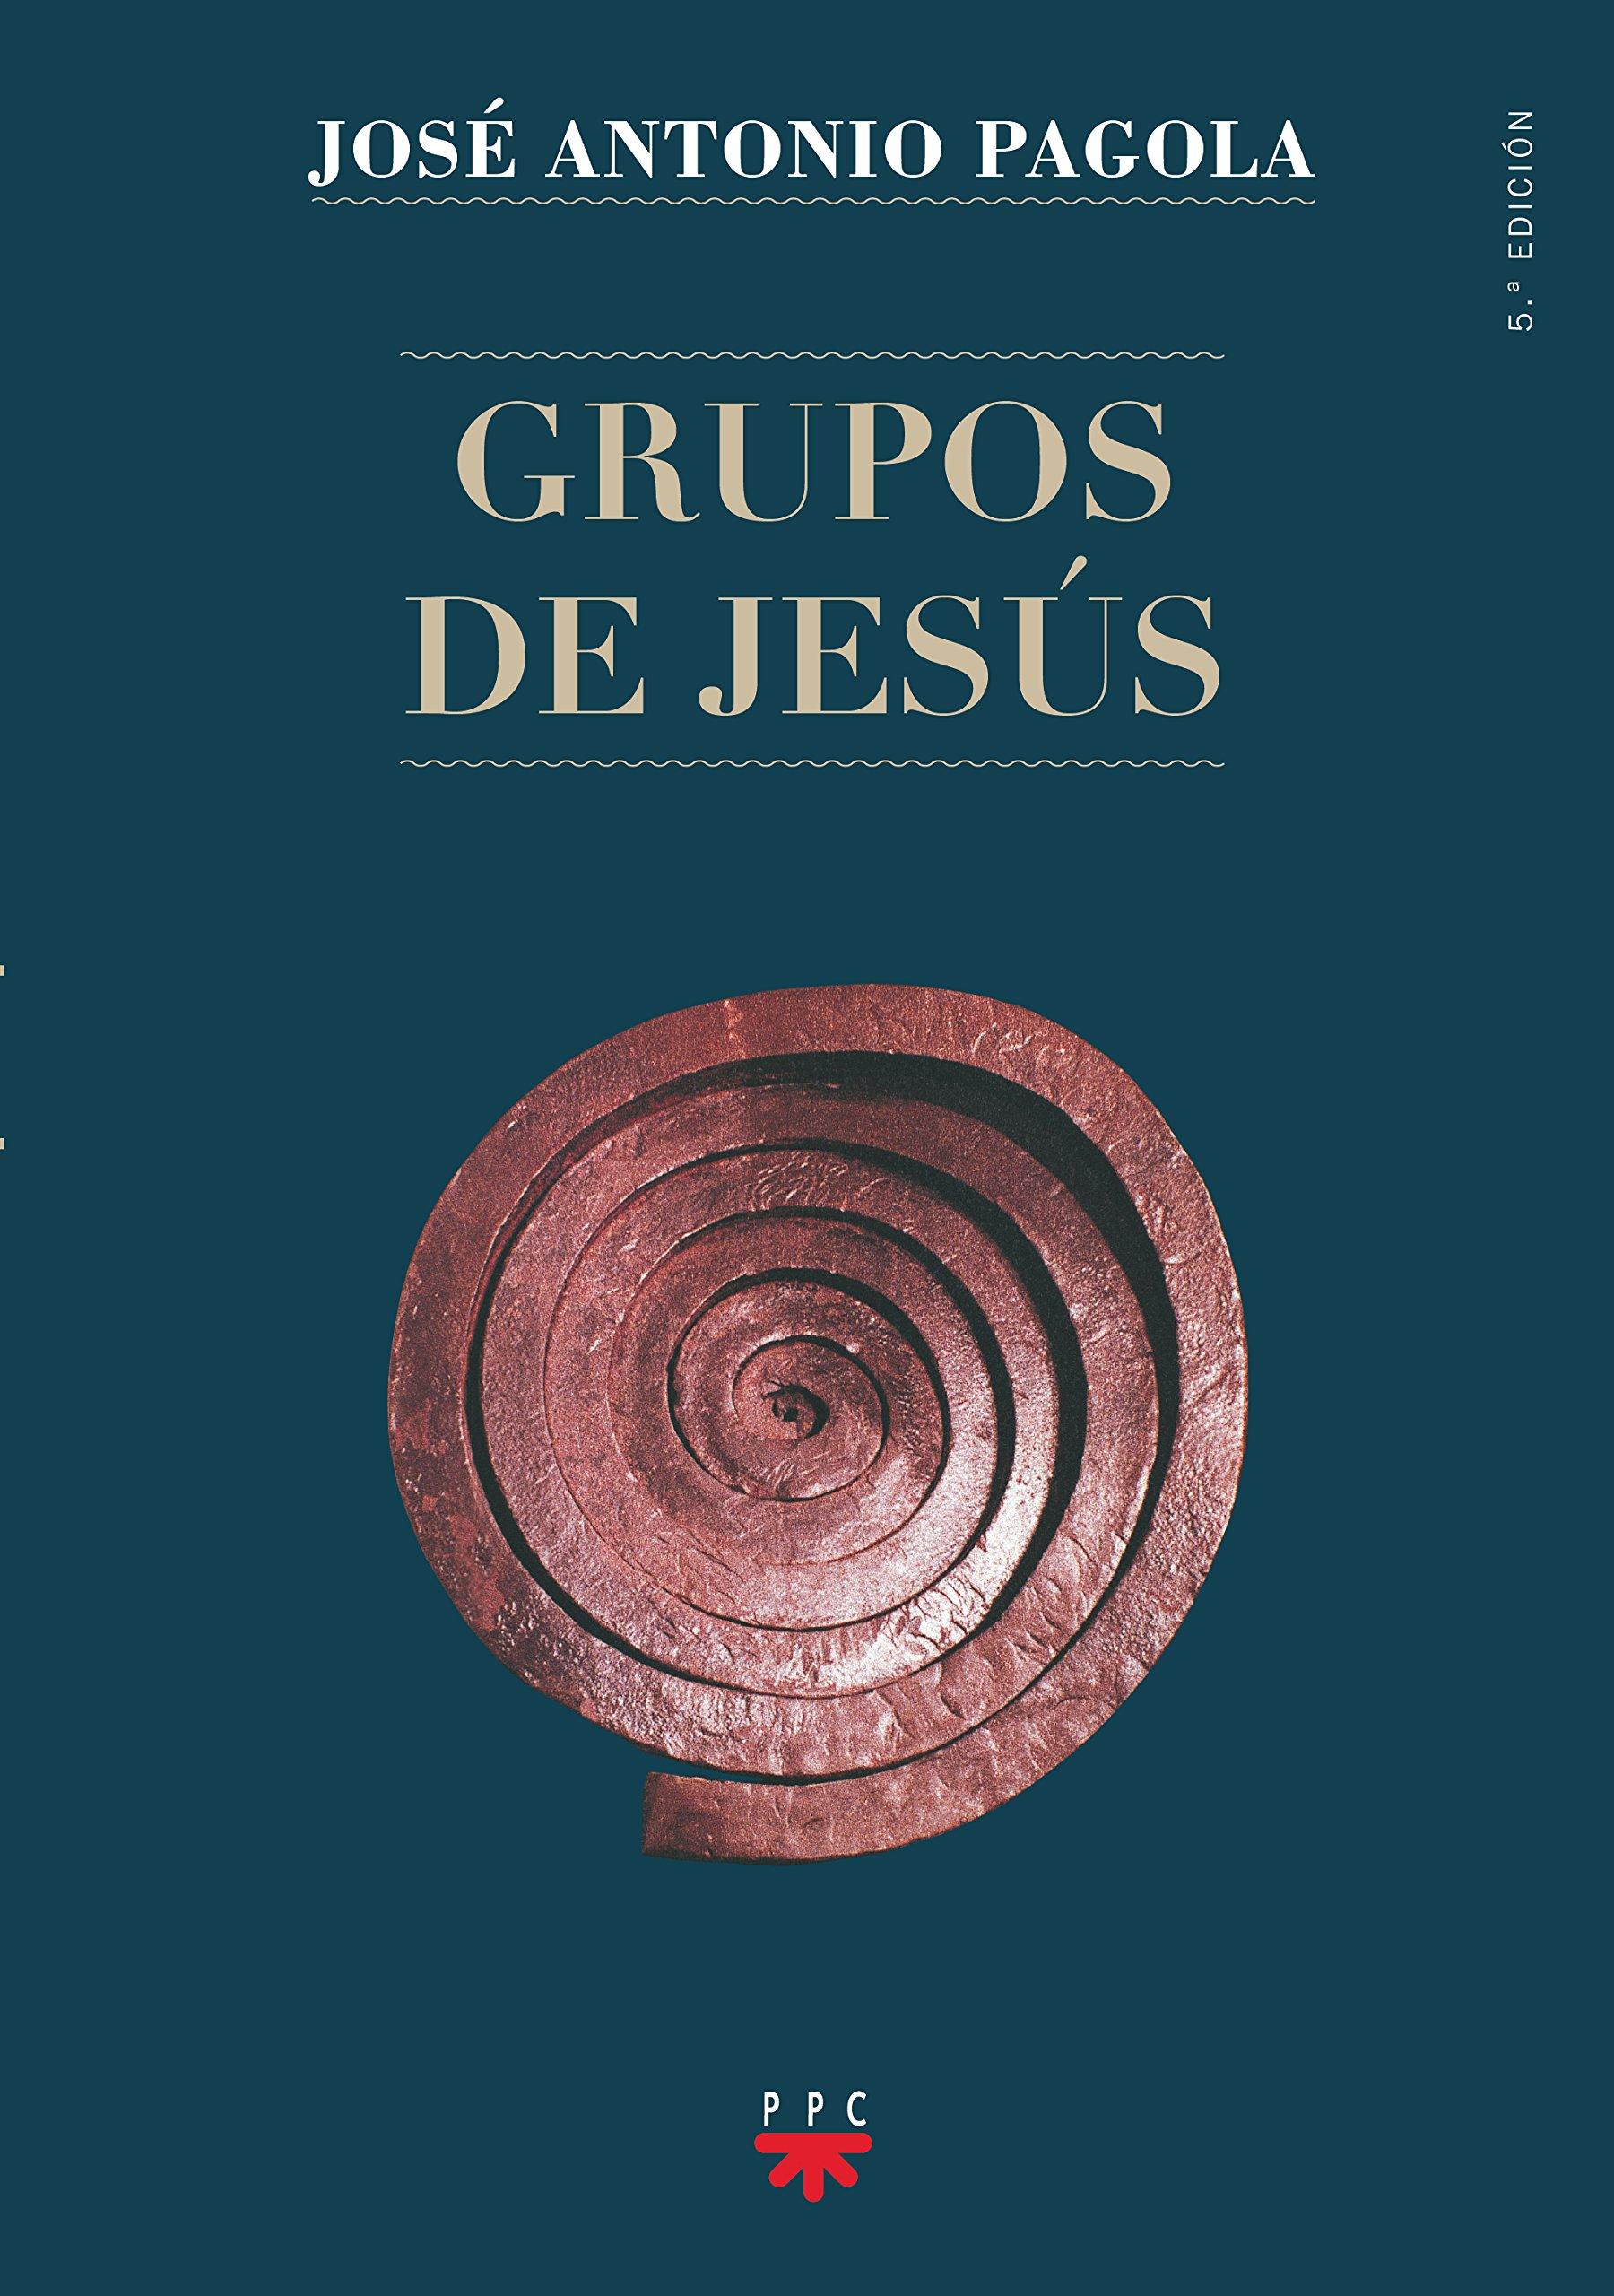 Grupos De Jesús (Biblioteca Pagola): Amazon.es: José Antonio Pagola Elorza:  Libros